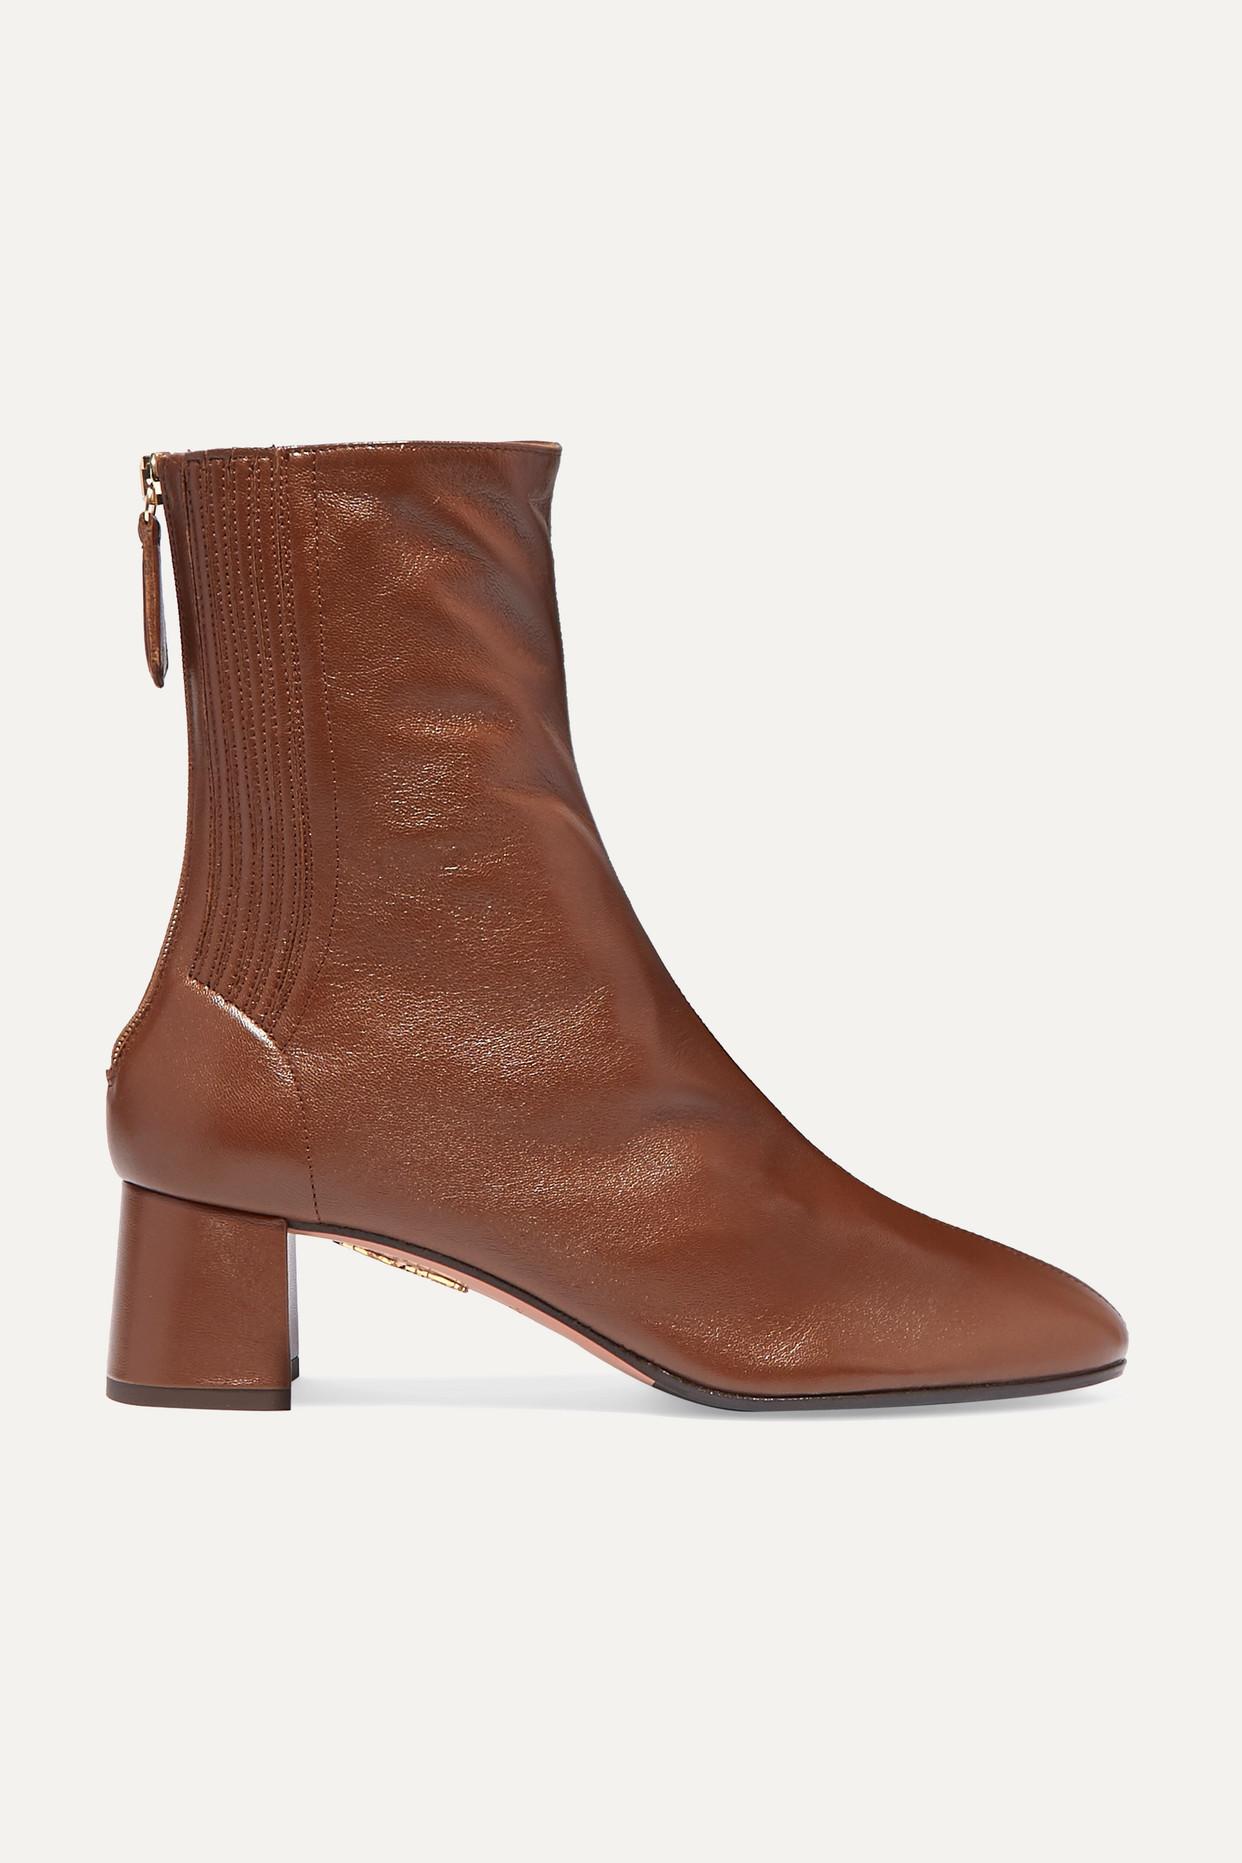 AQUAZZURA - Saint Honoré 50 Leather Ankle Boots - Brown - IT39